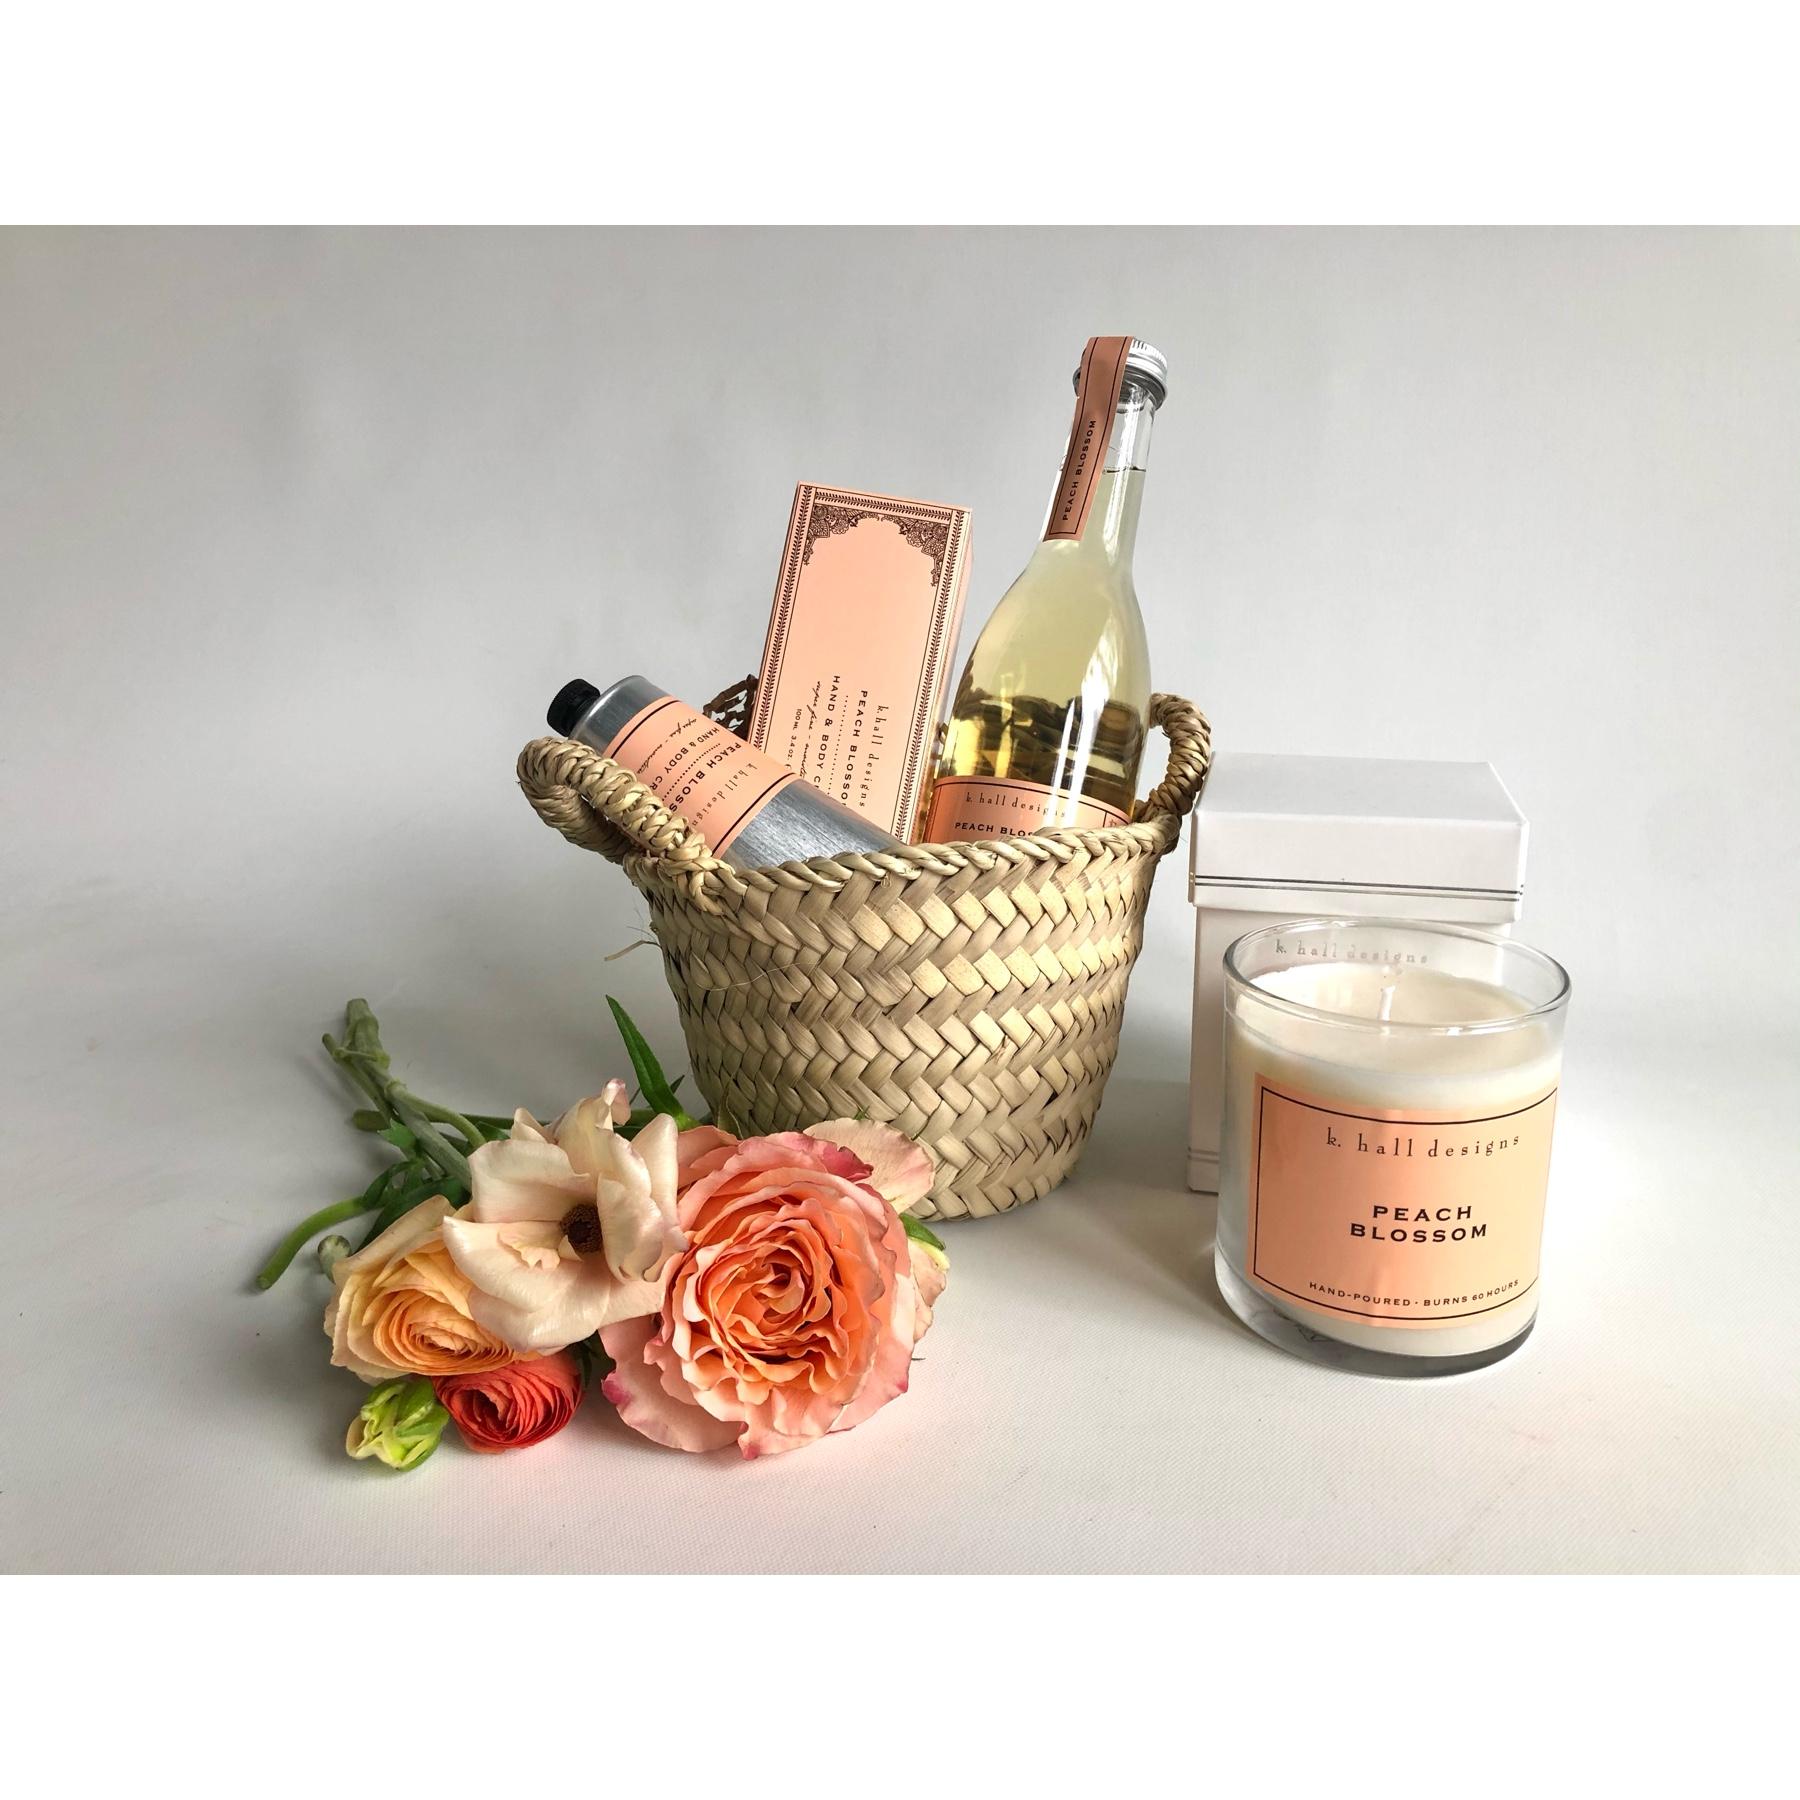 Peach Blossom Collection alternative